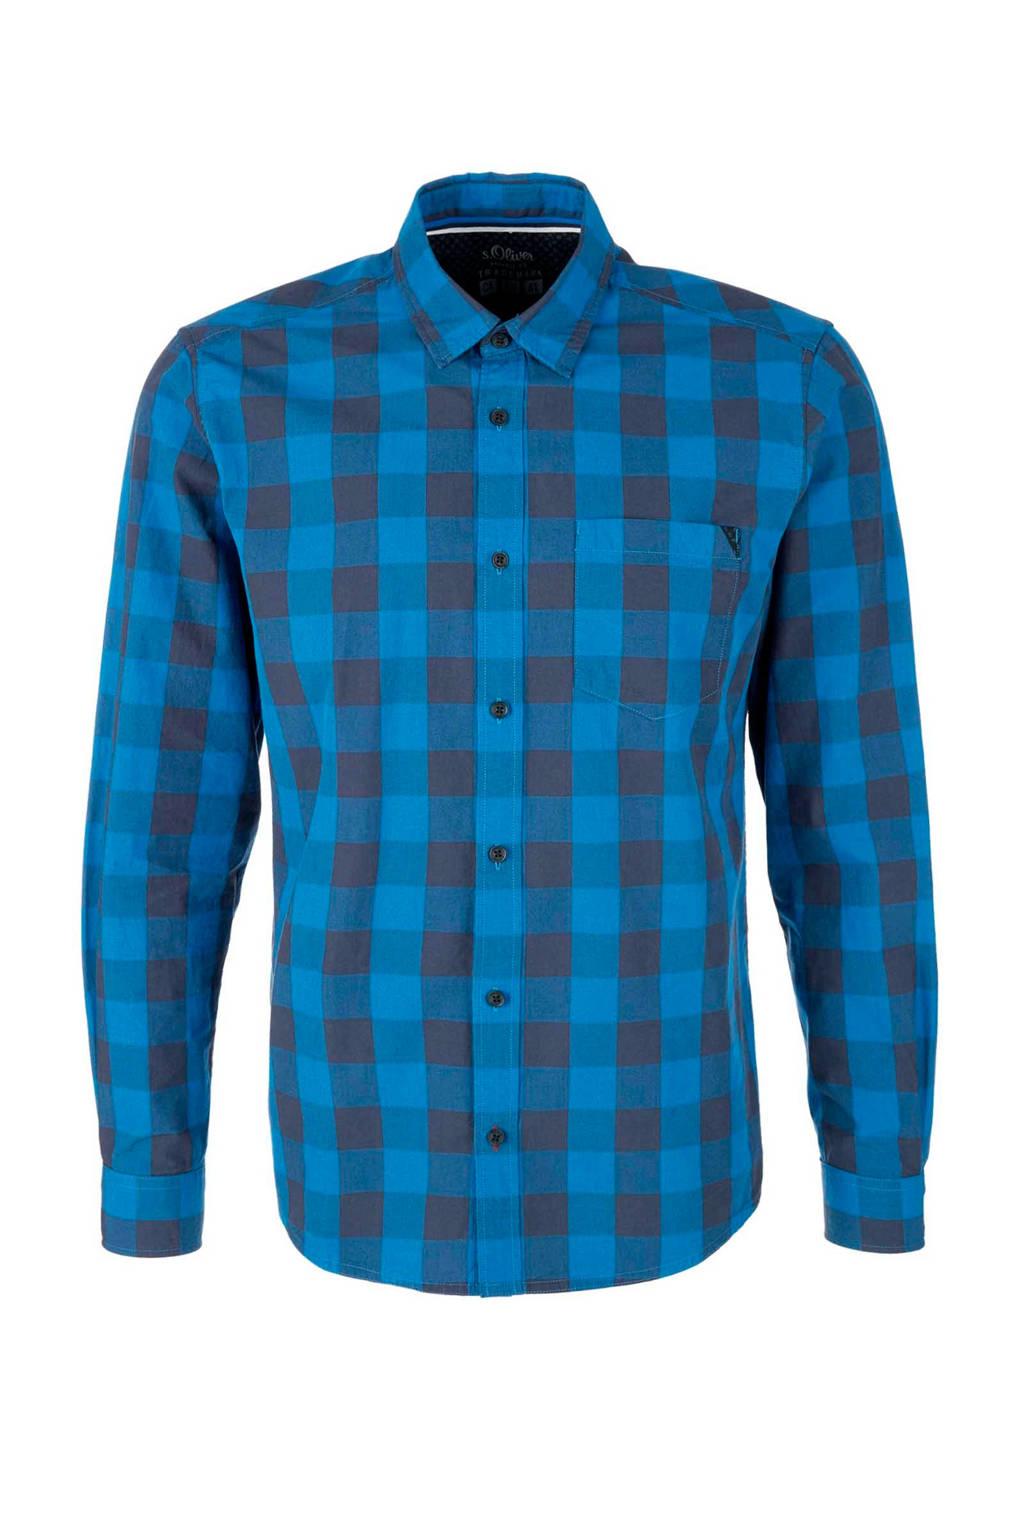 s.Oliver regular fit overhemd met ruiten blauw, Blauw/grijs